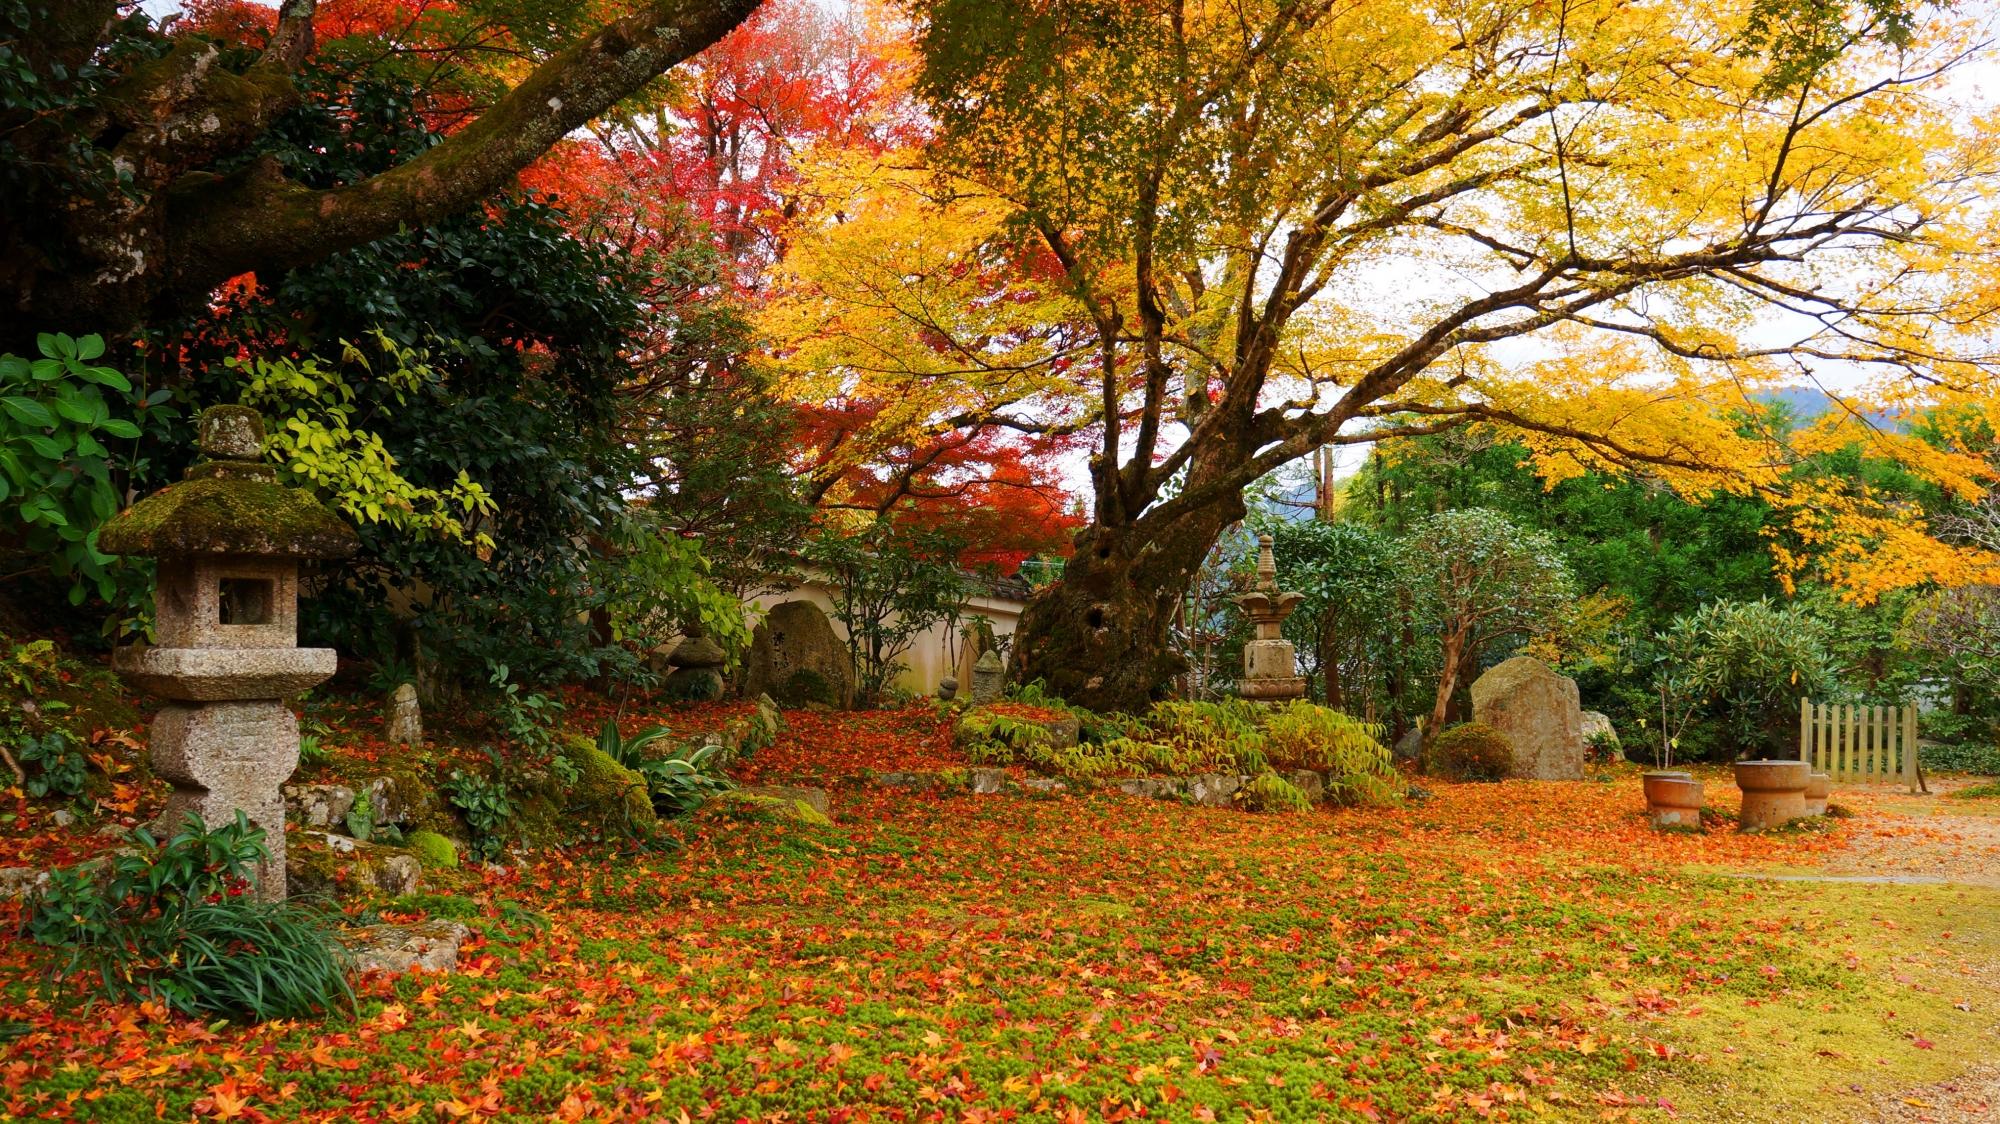 深みのある庭園を彩る見ごろの紅葉